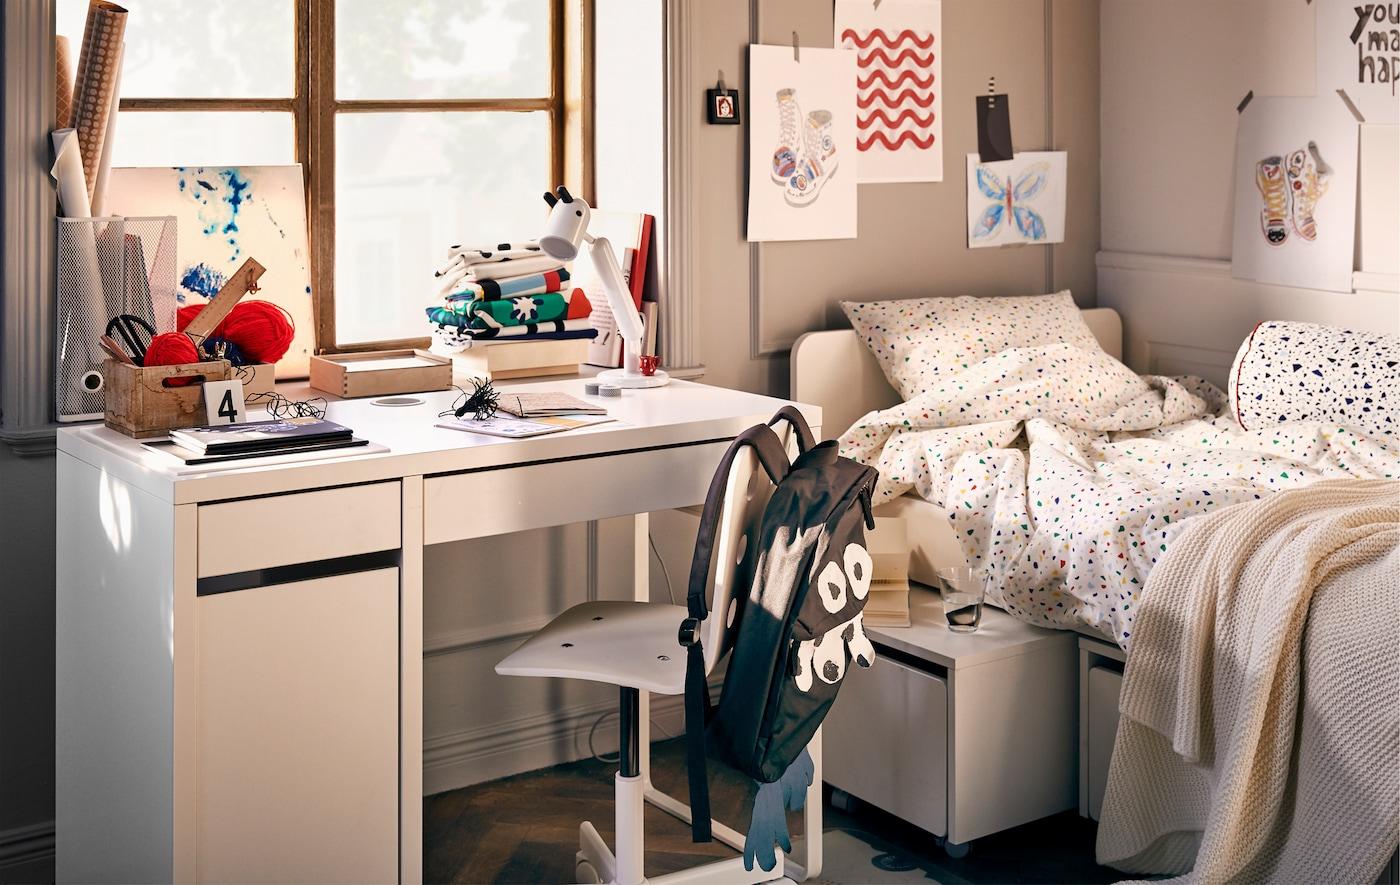 Intérieur de chambre d'enfant avec un lit, de l'art mural et un espace de travail avec un bureau MICKE, une chaise pivotante et une lampe KRUX.